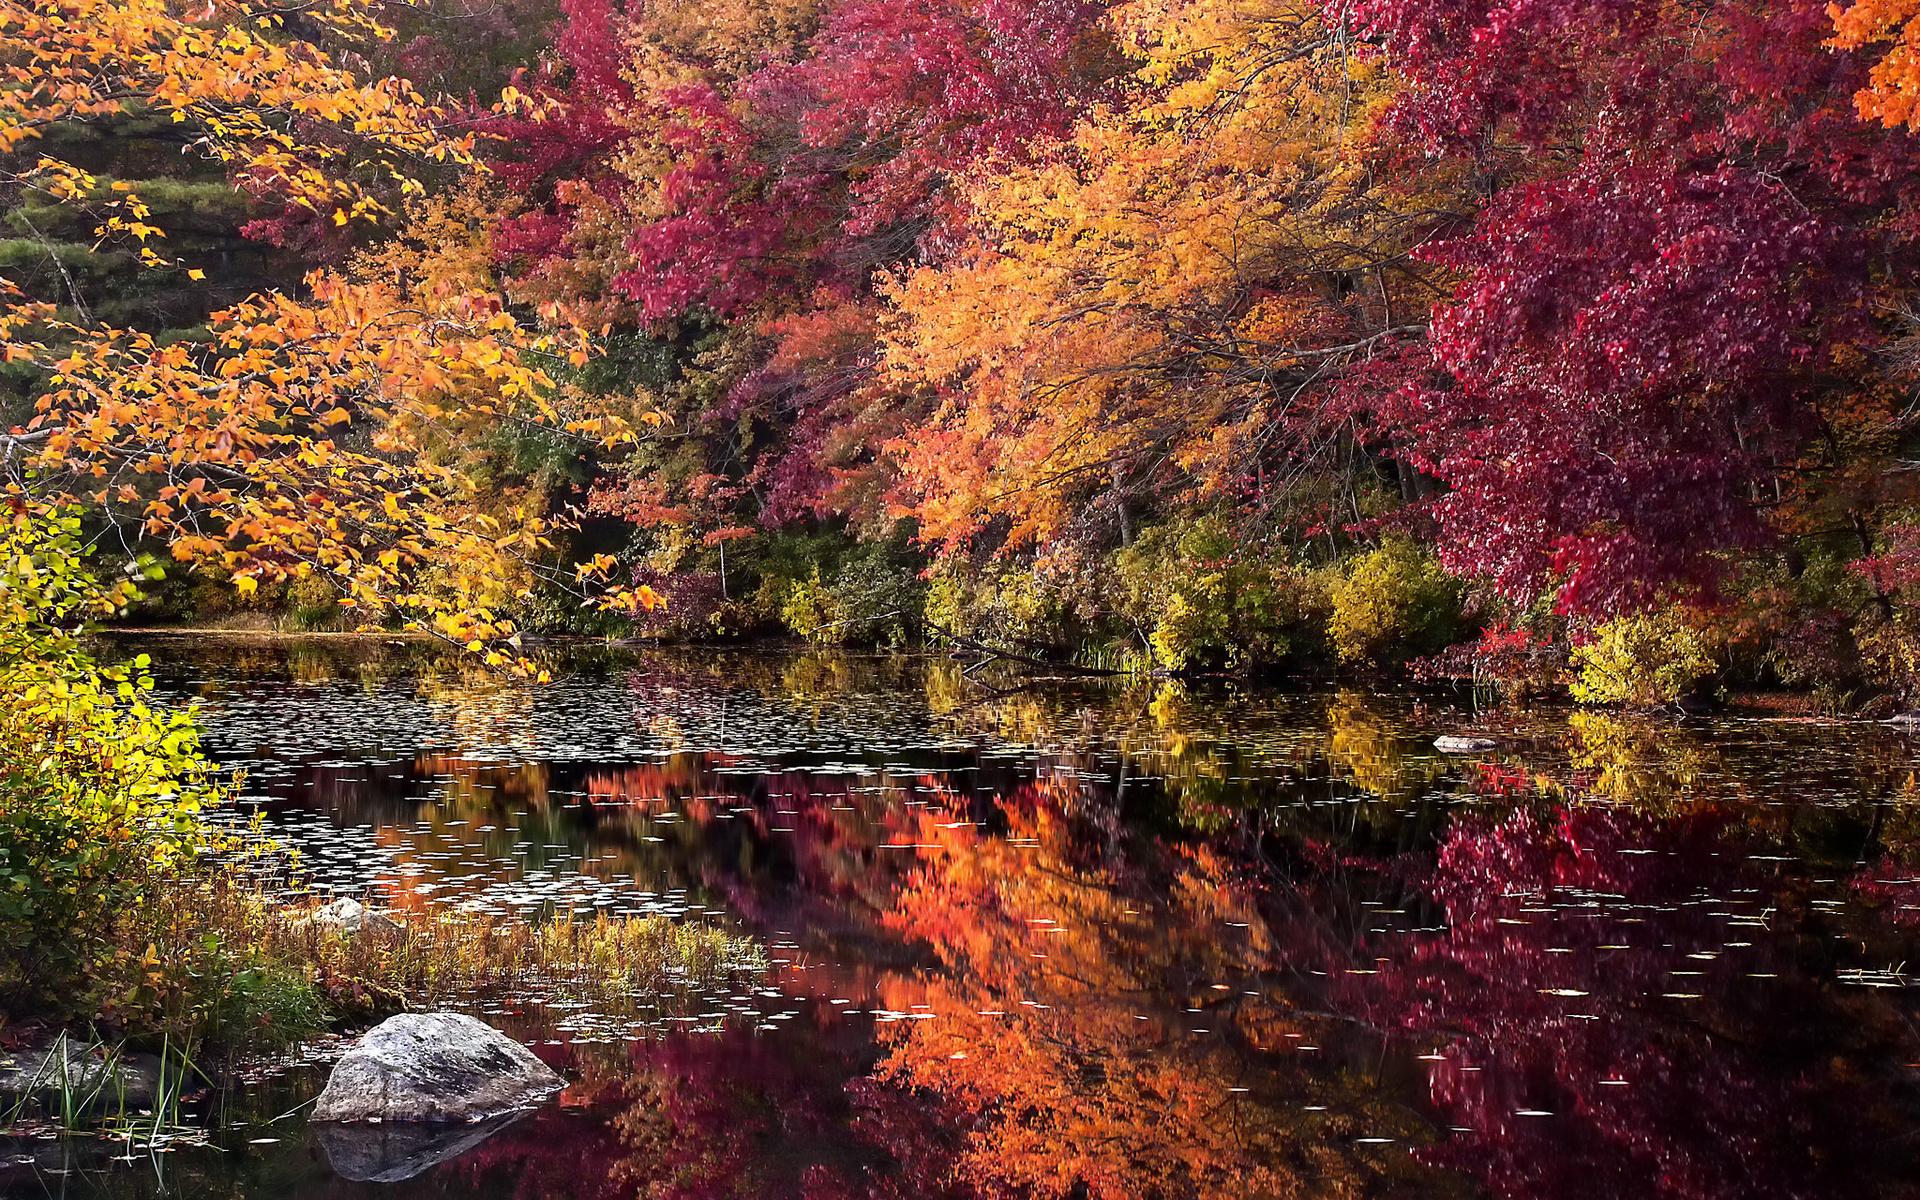 этом сам самые красивые осенние пейзажи фото преподавания